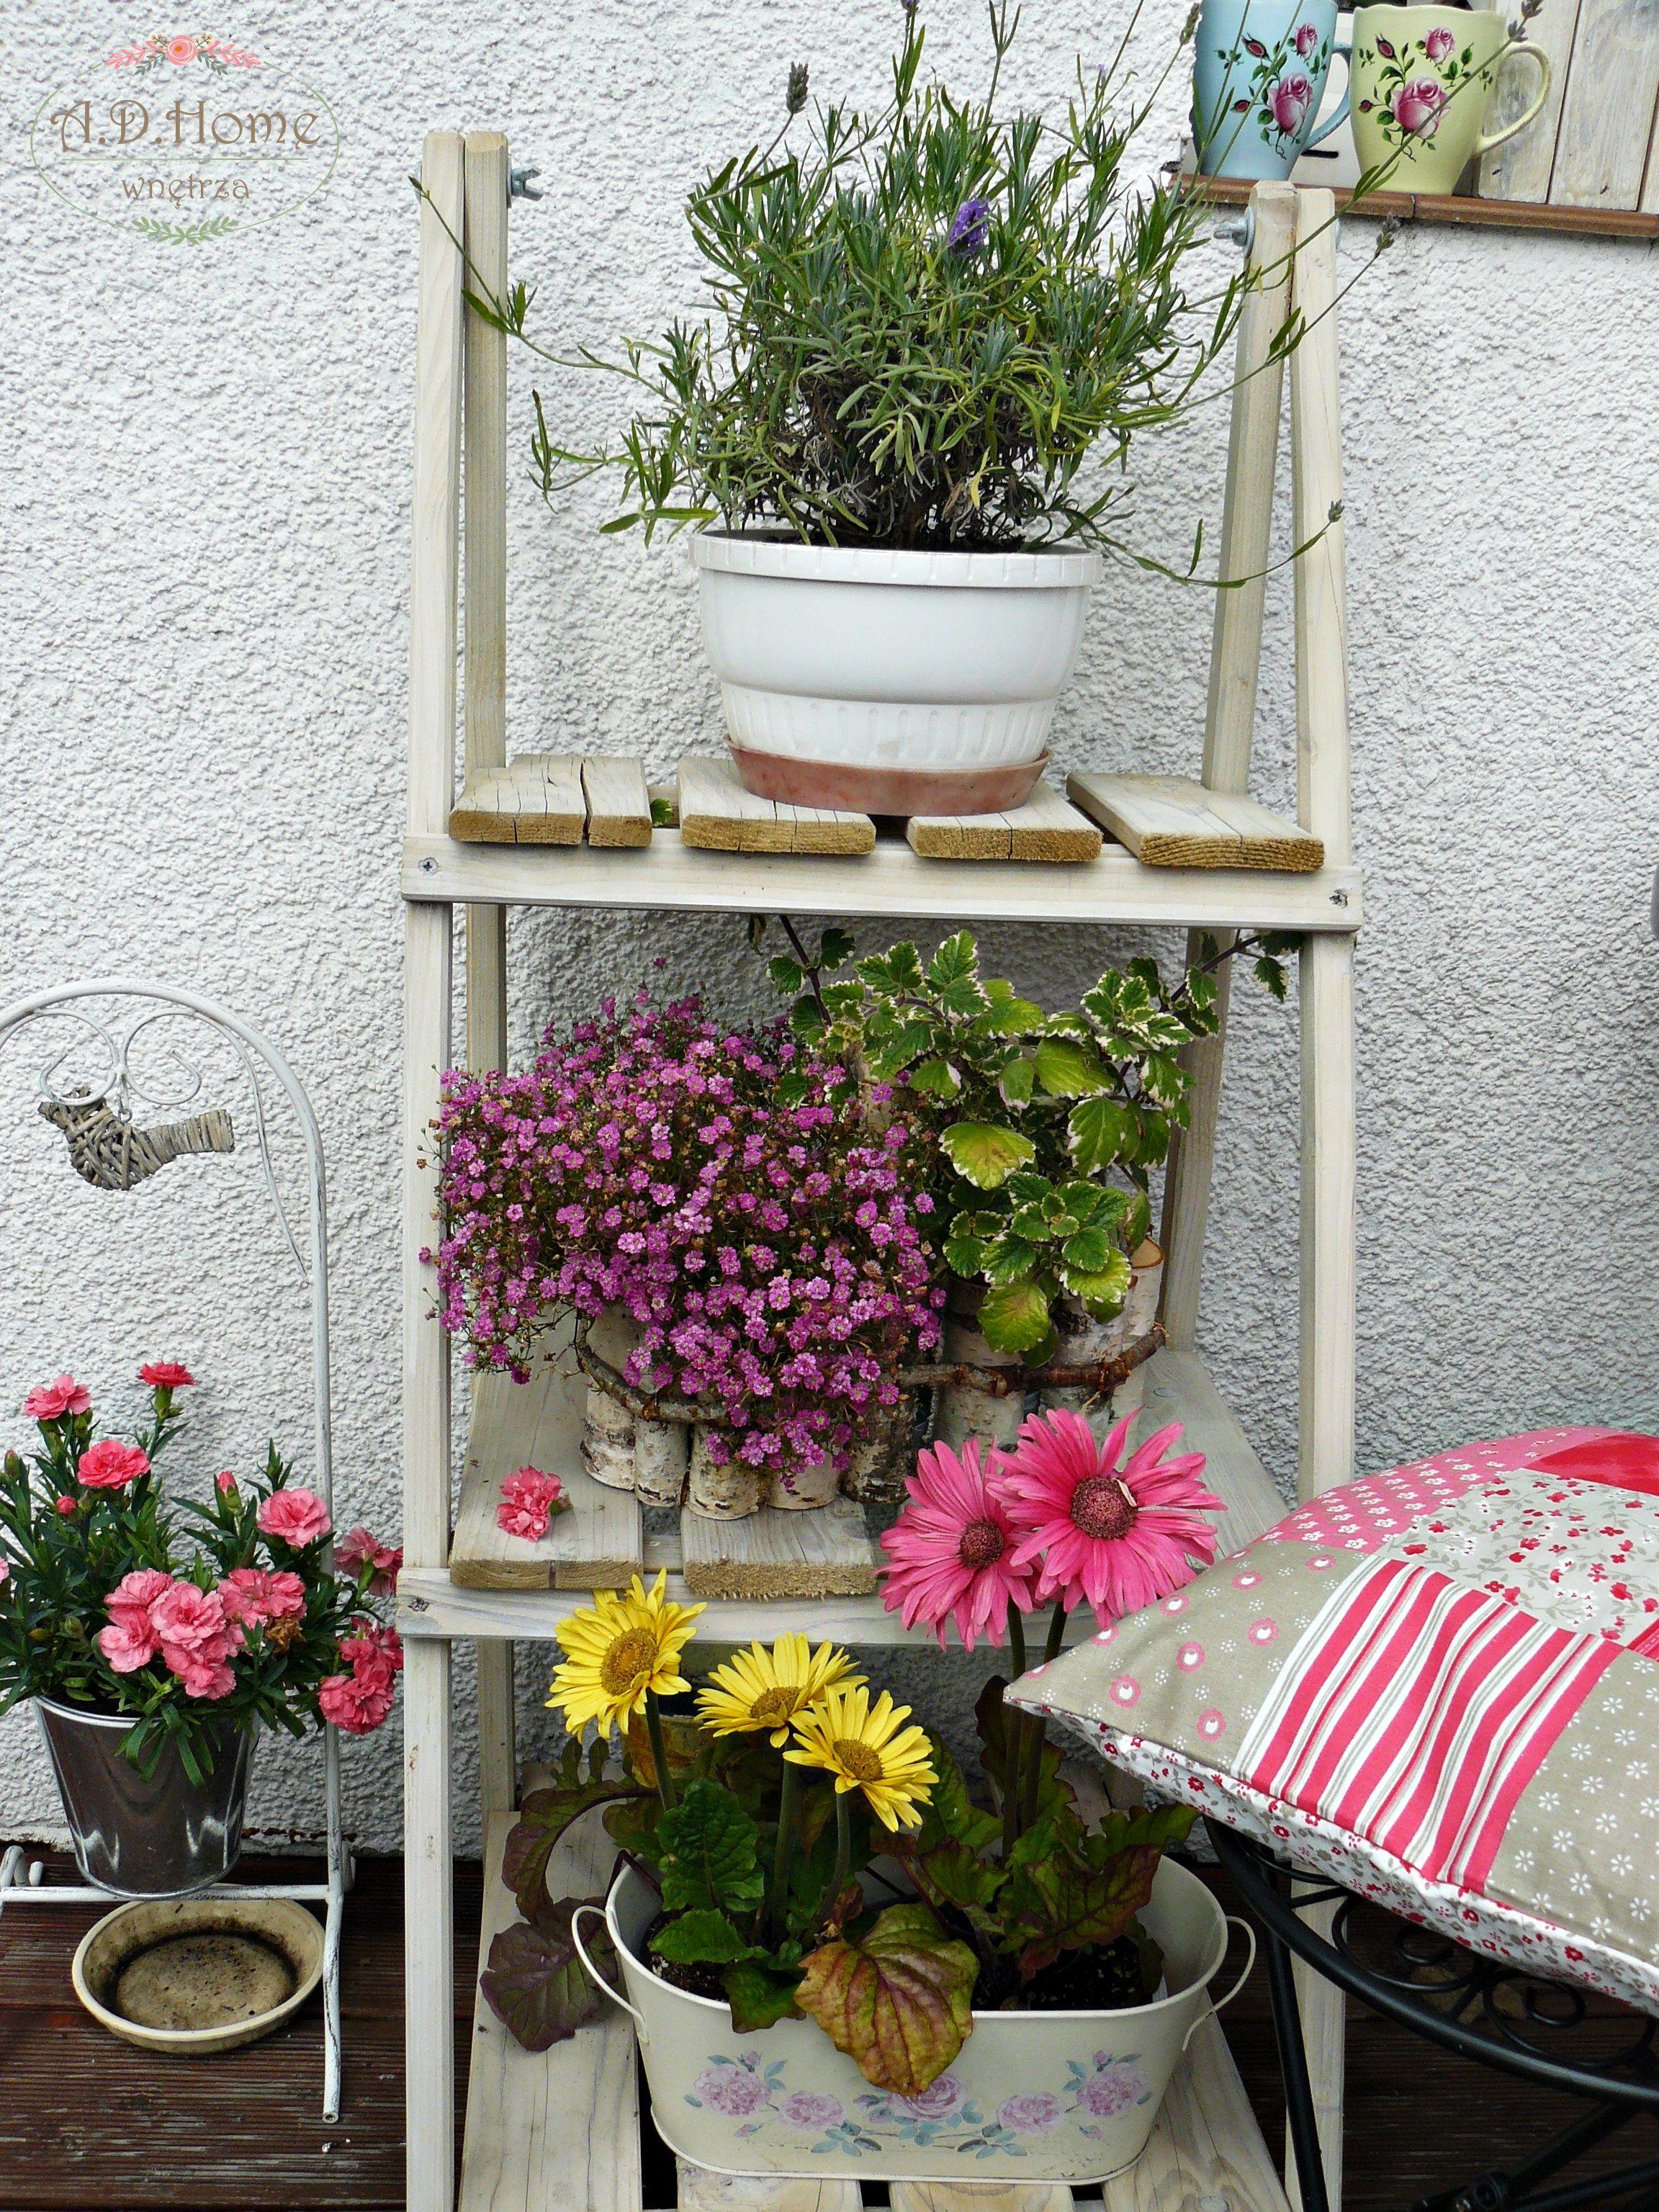 Balkon Taras Aranzacje Kwiaty Drabinka Polka Hand Made Ad Home Home Decor Ladder Decor